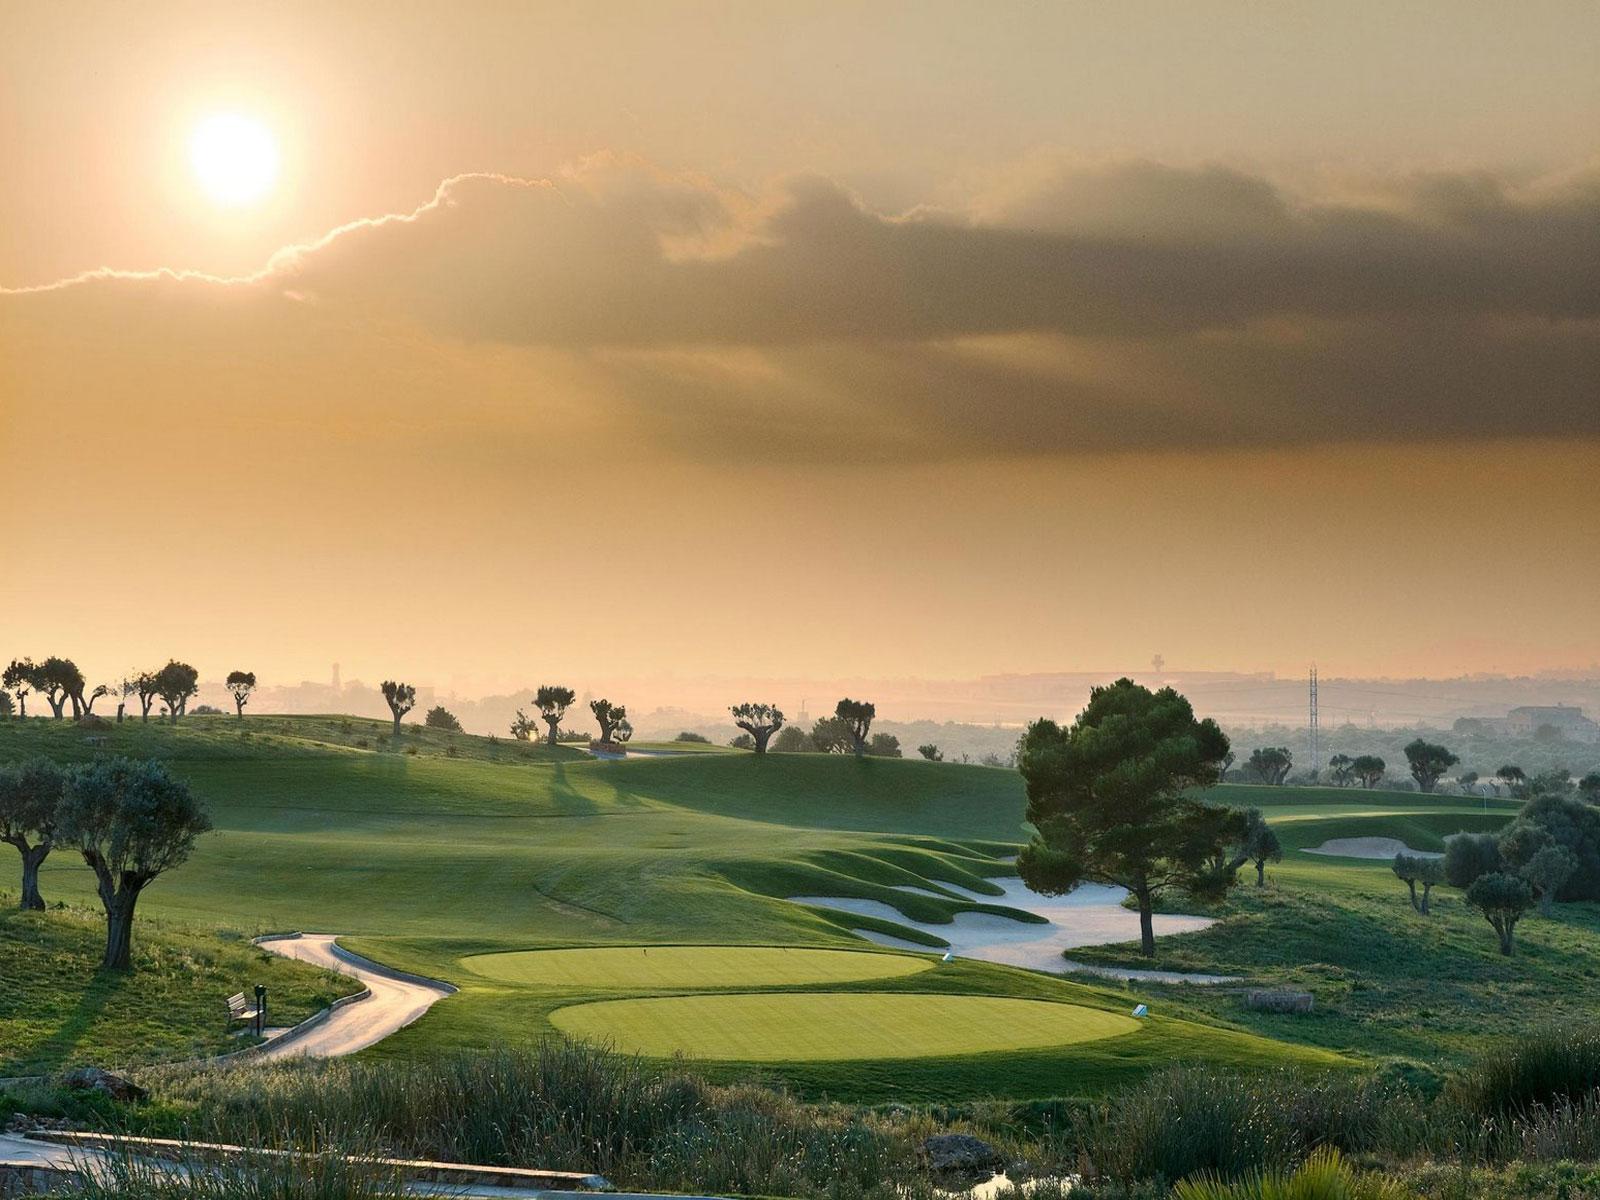 http://2.bp.blogspot.com/_41r4-VqK2SE/TIx6HcYqxCI/AAAAAAAAAuU/7aJmbTSUZo8/s1600/Majorca-Golf-Course-Wallpaper.jpg